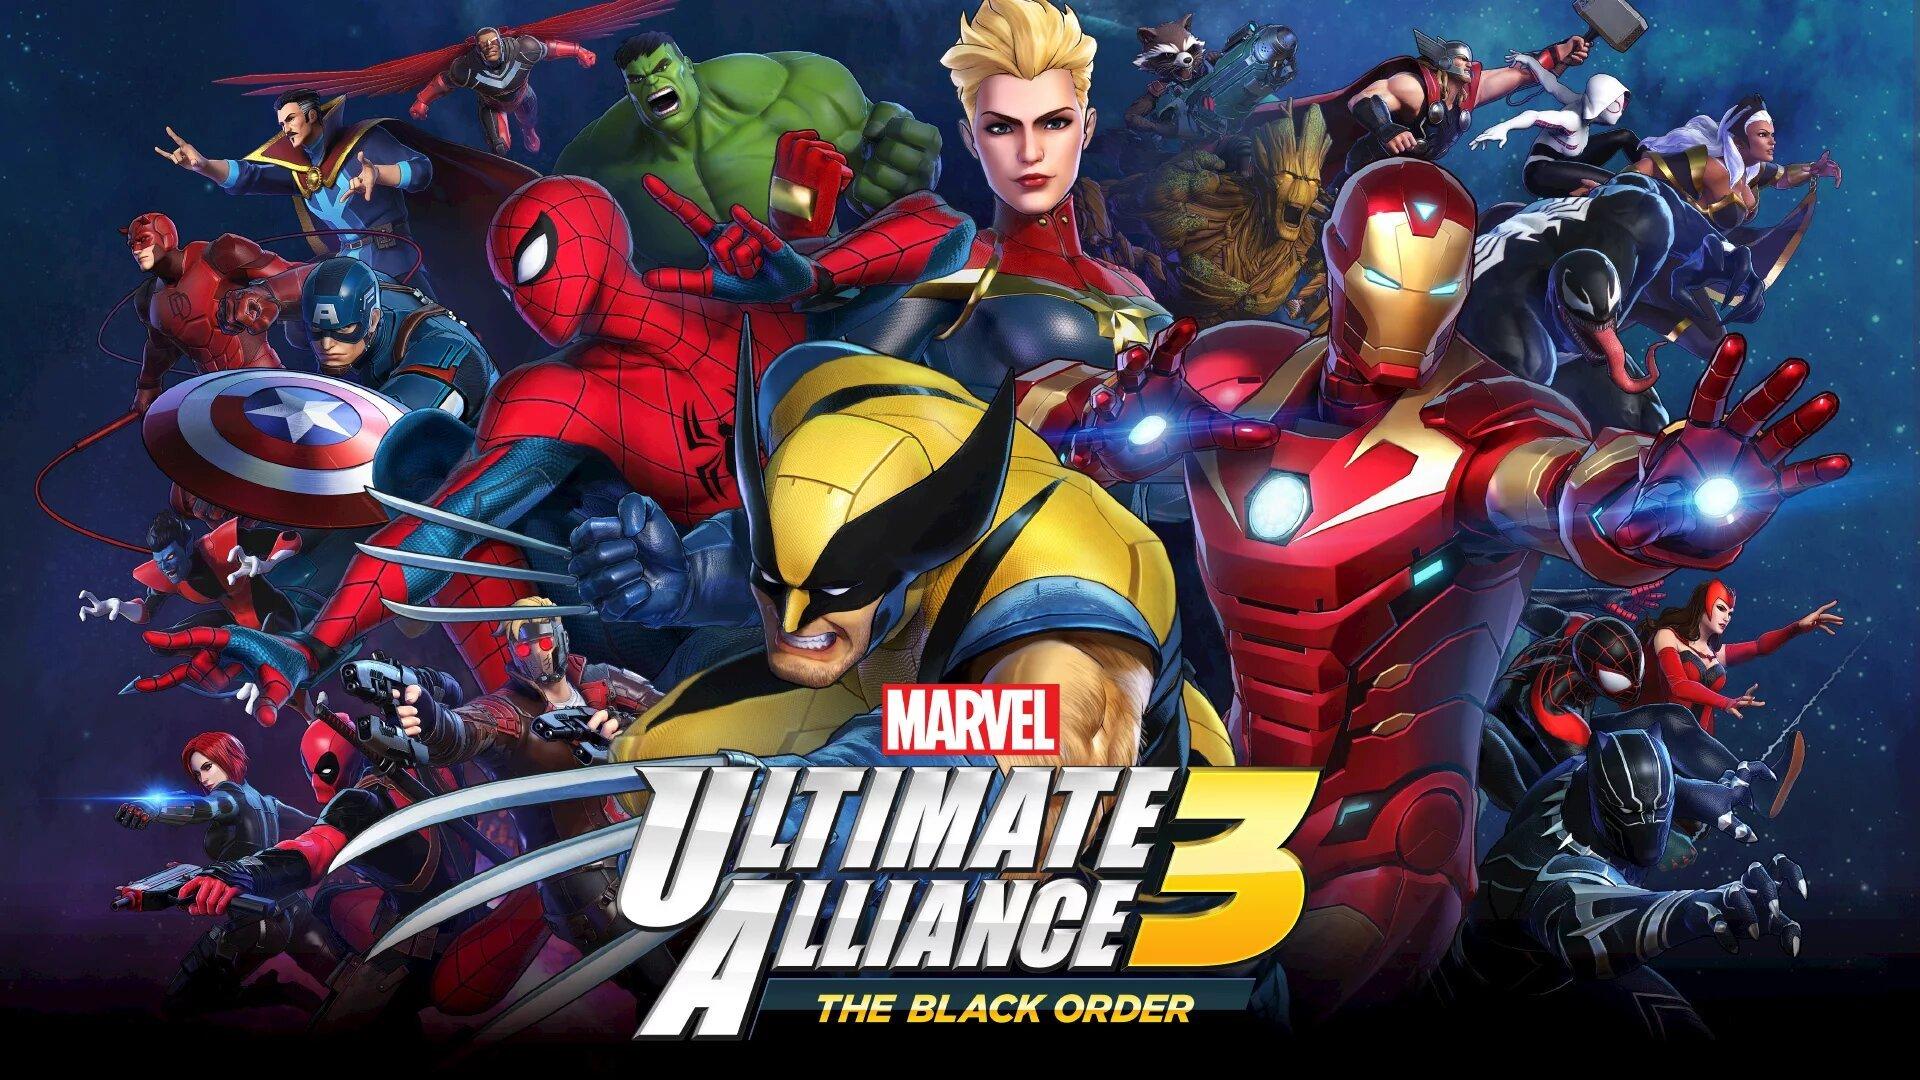 Marvel Ultimate Alliance 3: Black Order DLC Pack 3 release date